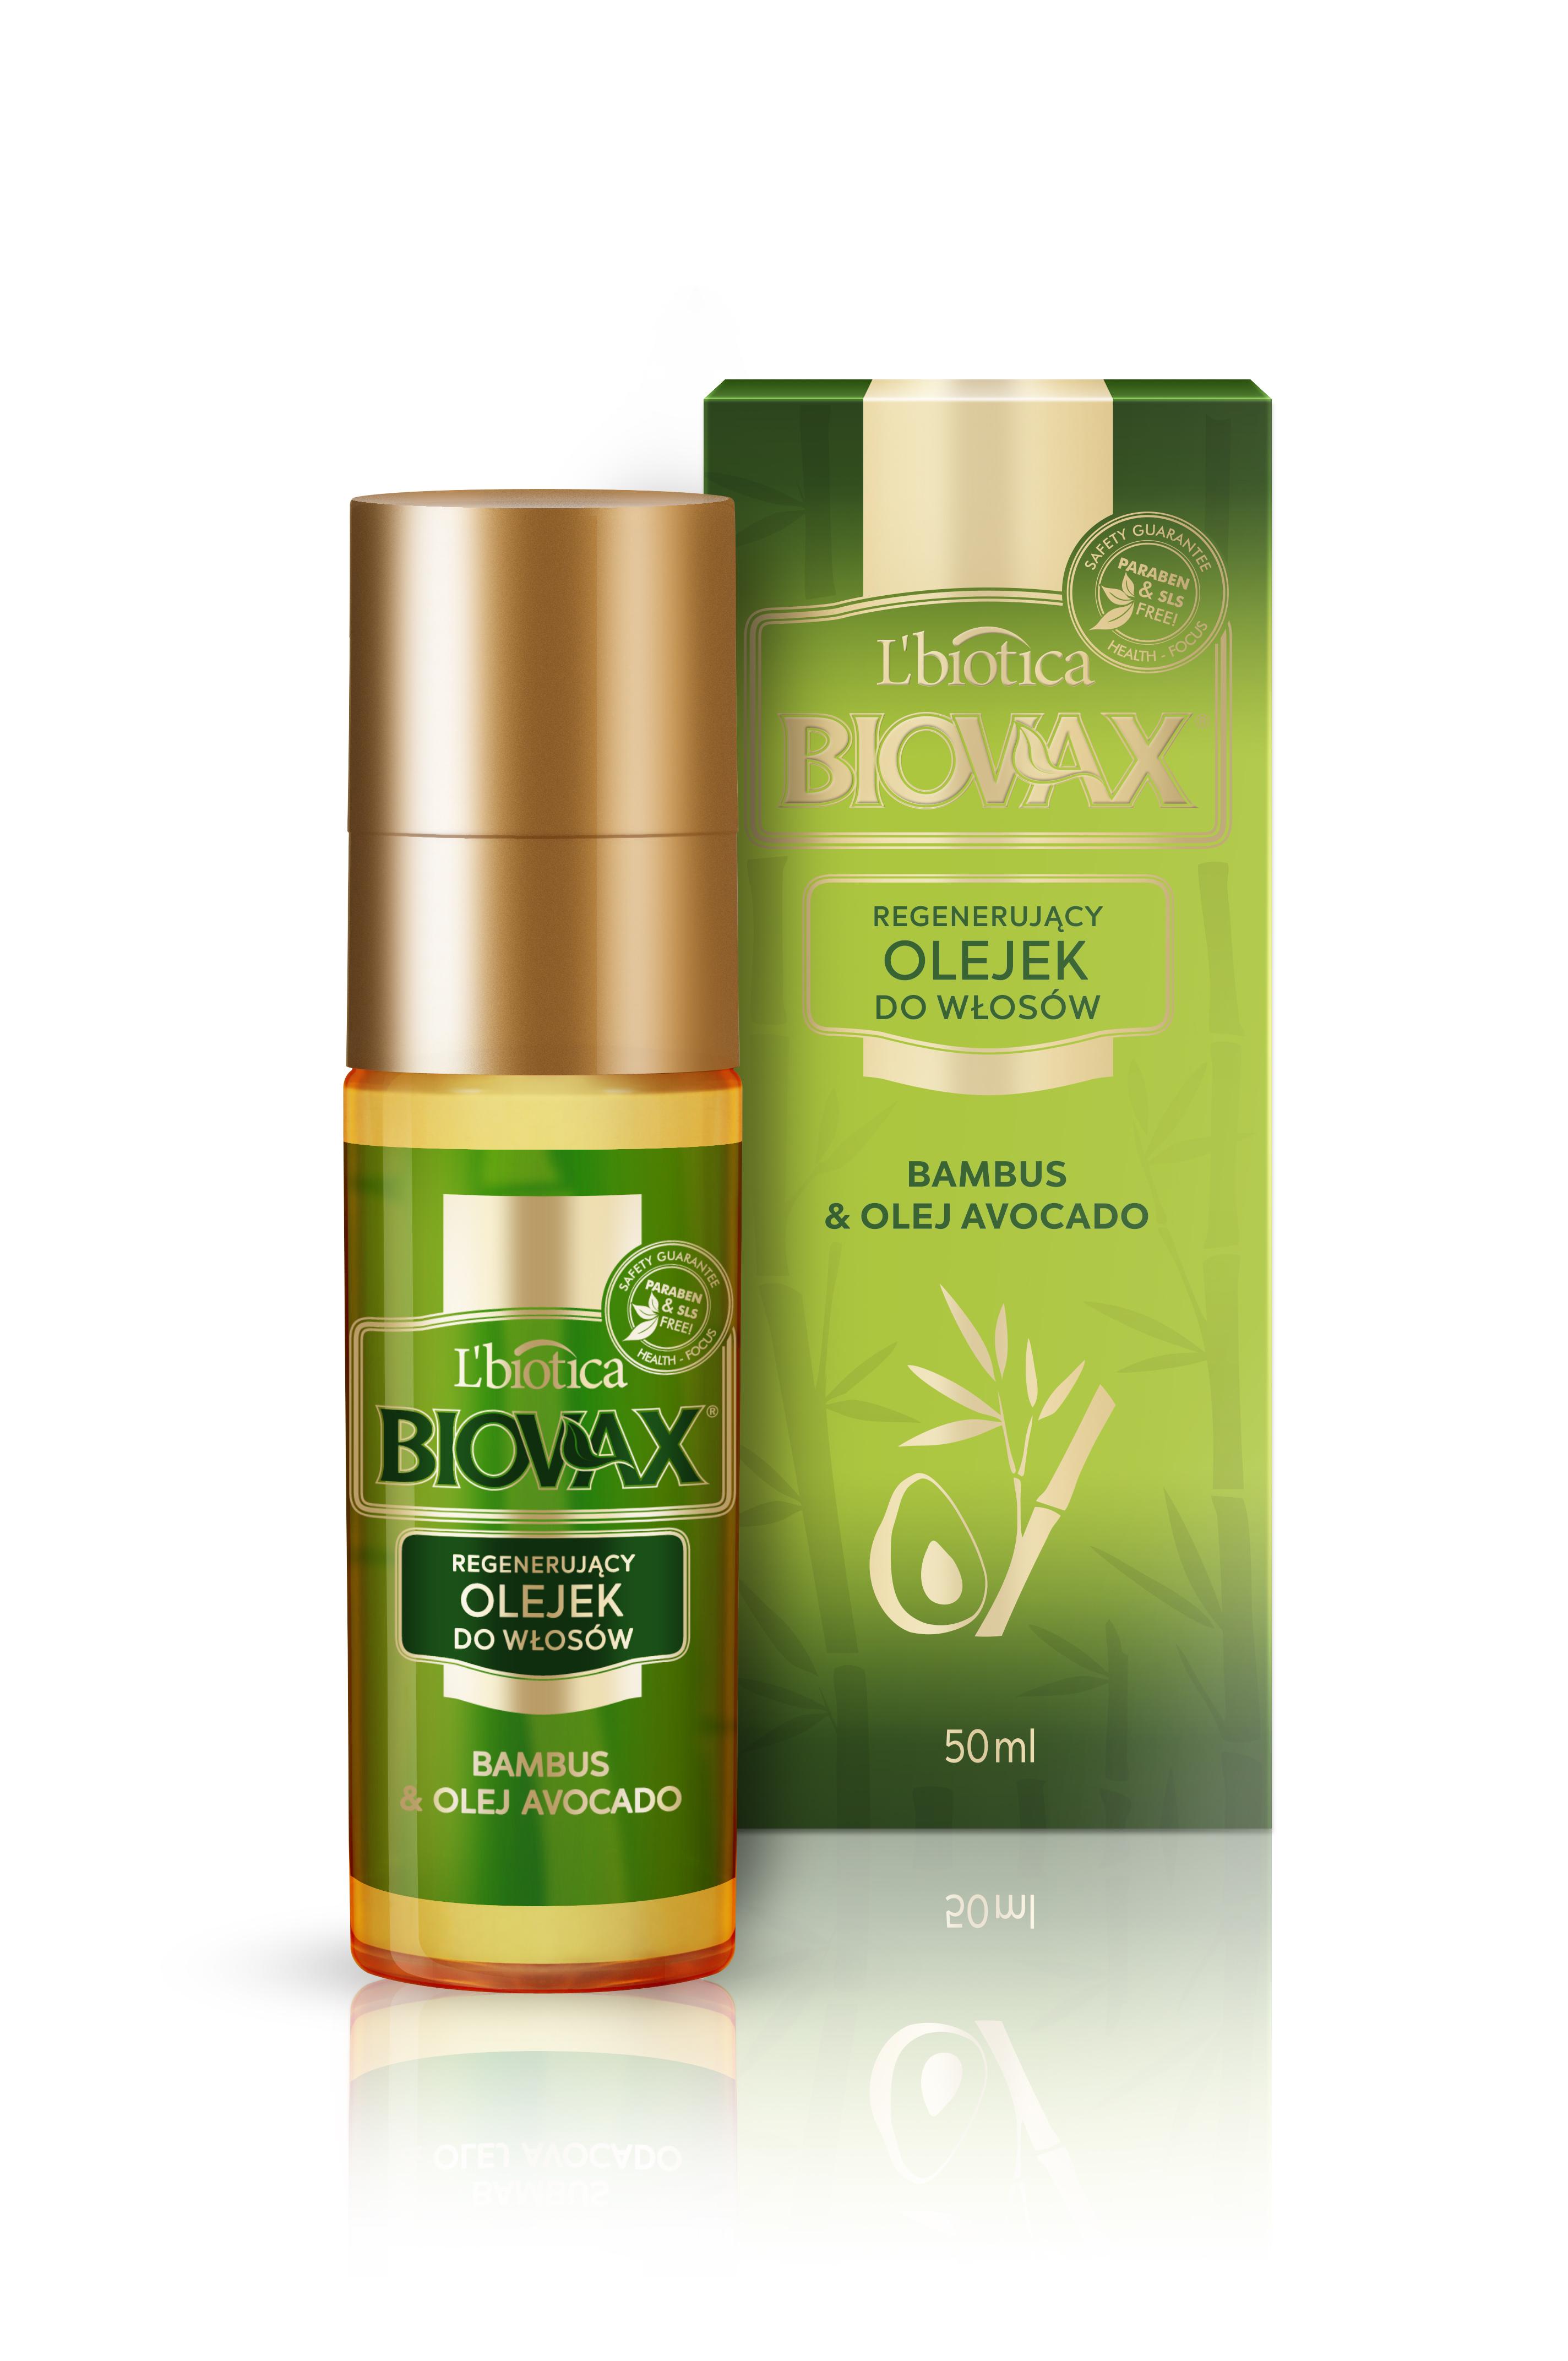 Biovax_REGENERUJACY_OLEJEK_DO_WLOSOW_bambus_avocado